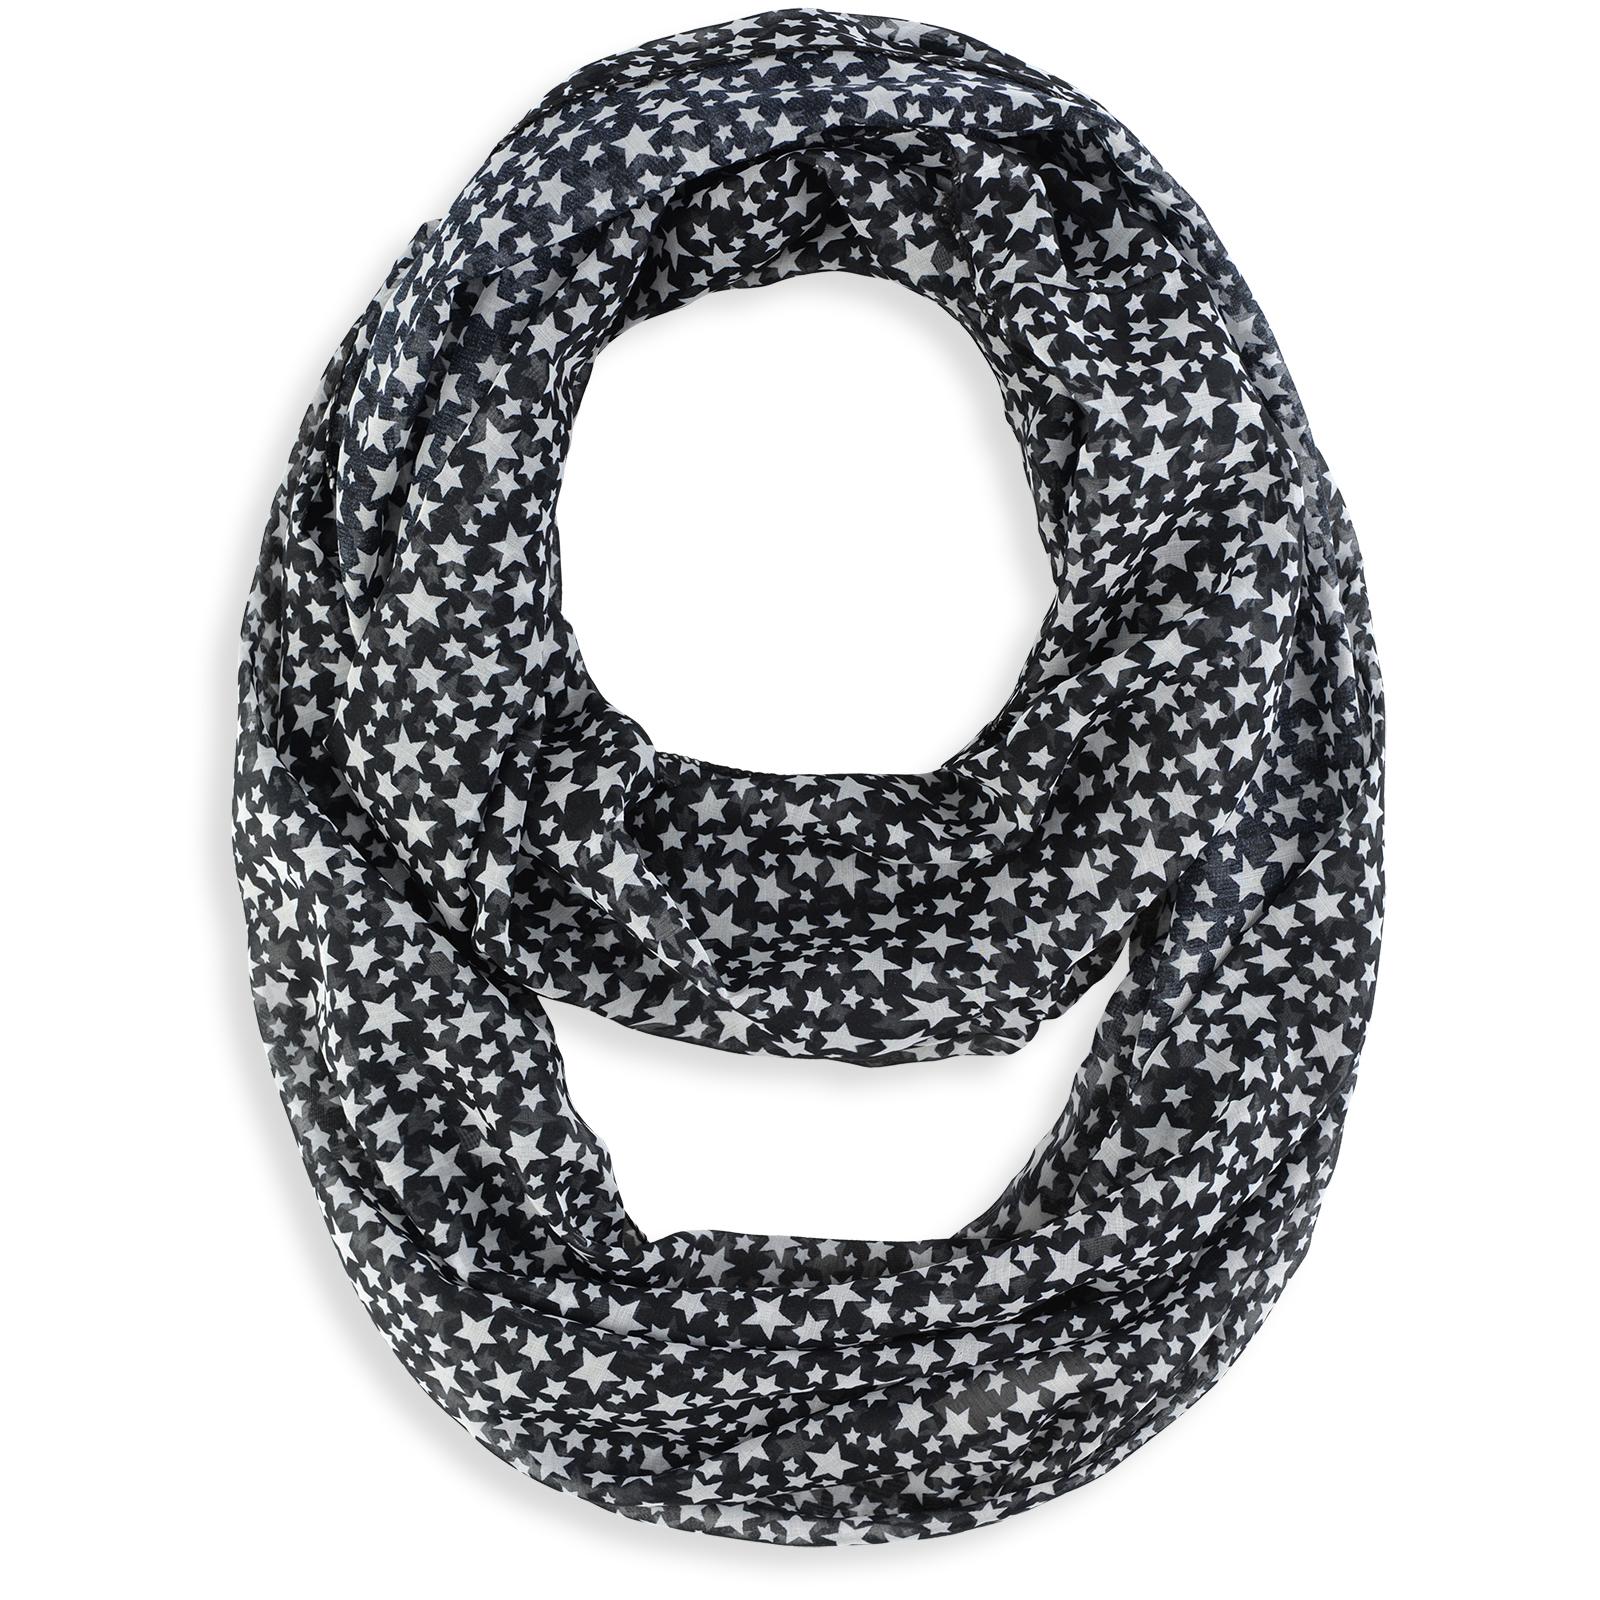 979bb6d52130 Foulard snood étoiles Noir - Douceur et légèreté